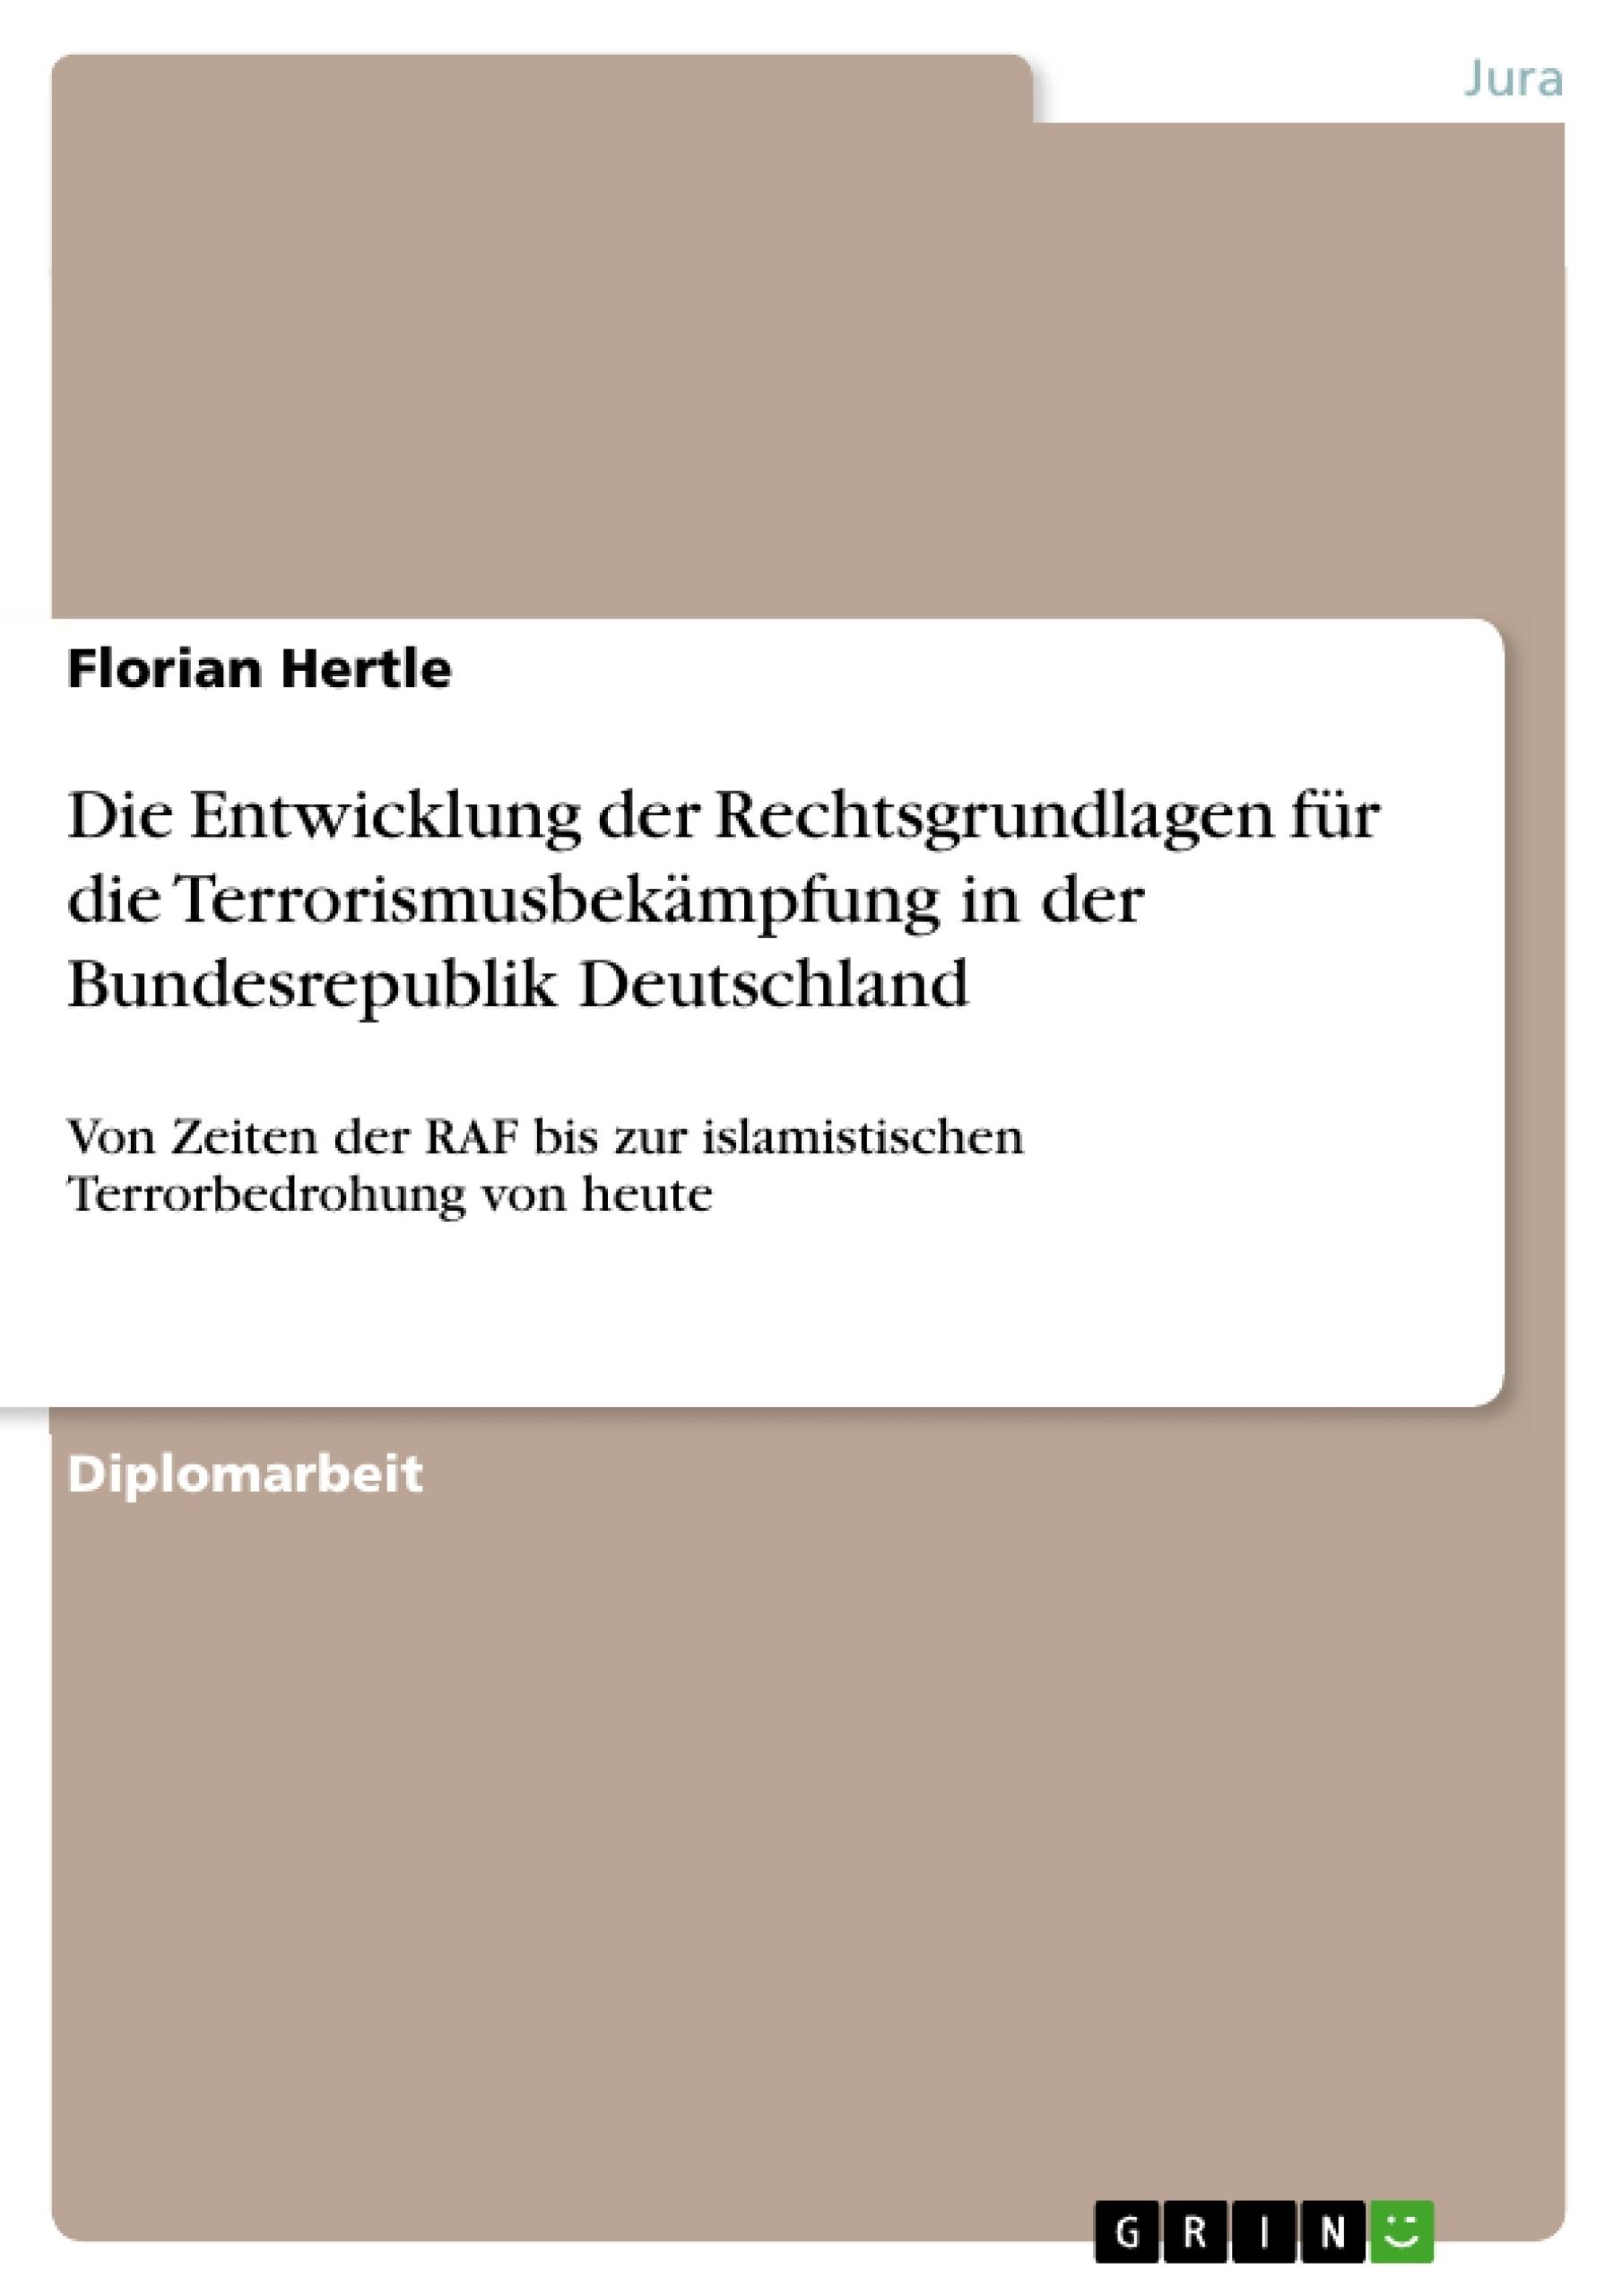 Titel: Die Entwicklung der Rechtsgrundlagen für die  Terrorismusbekämpfung in der Bundesrepublik Deutschland